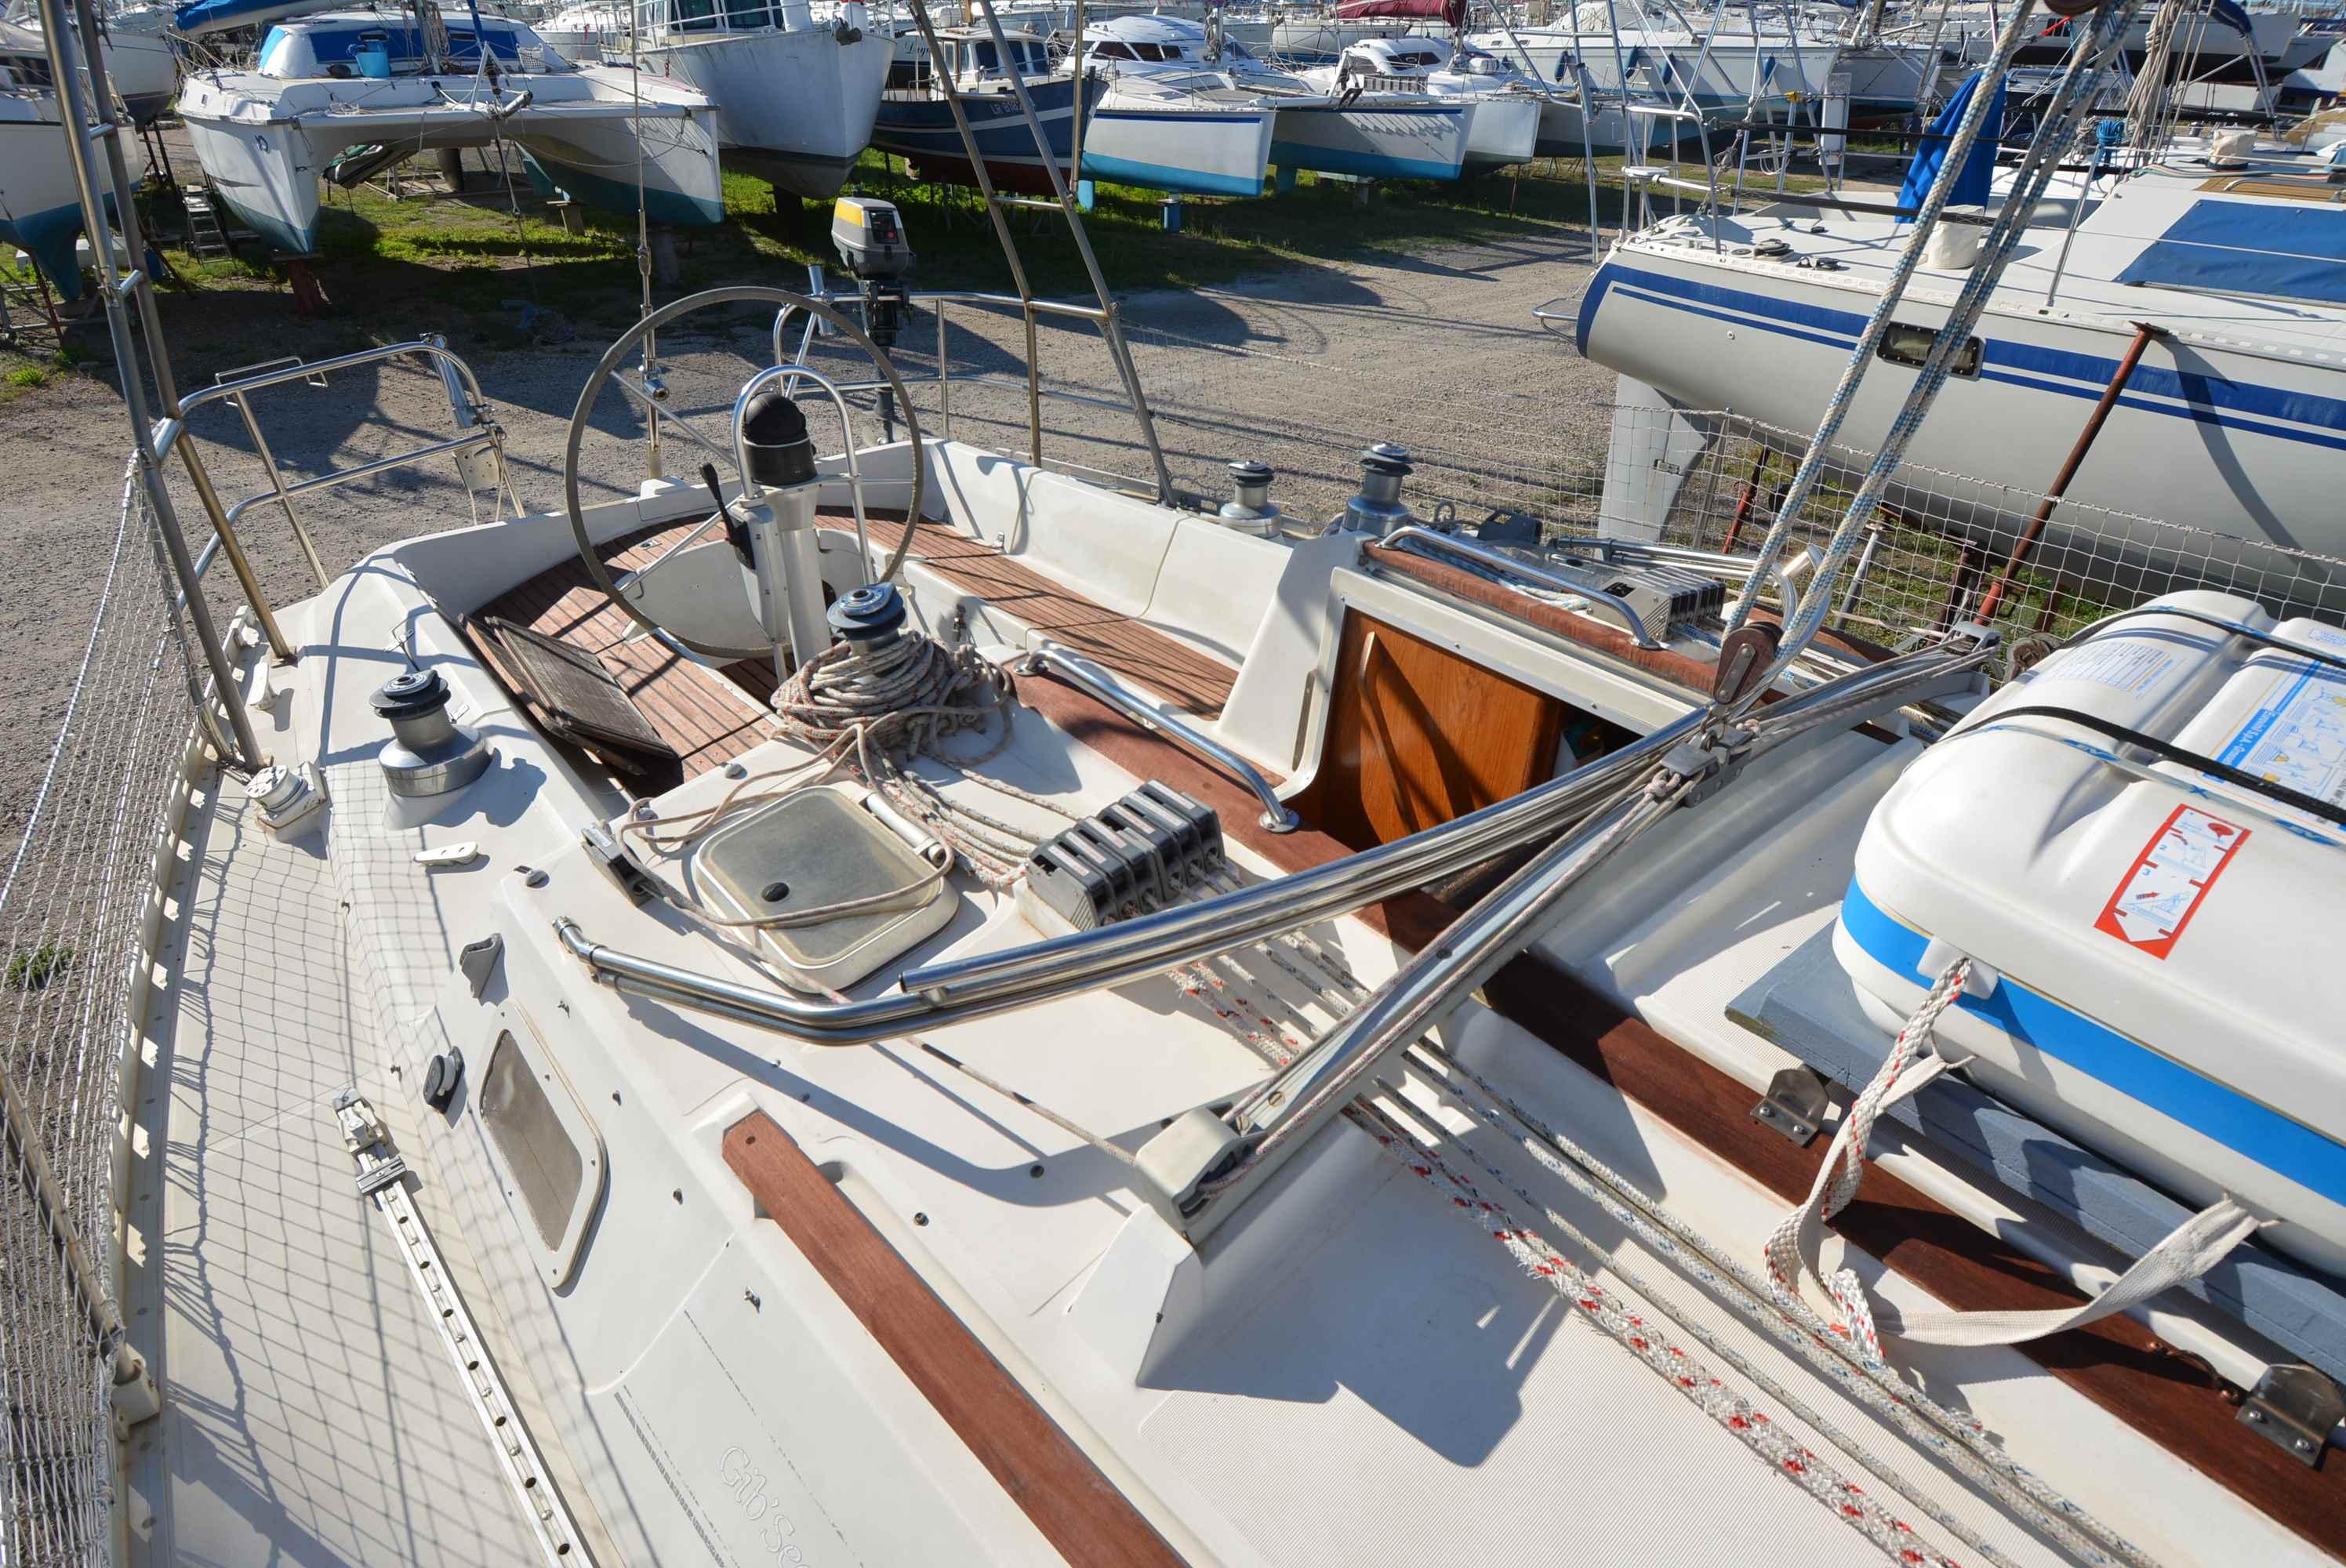 GIB SEA 372 GIBERT MARINE